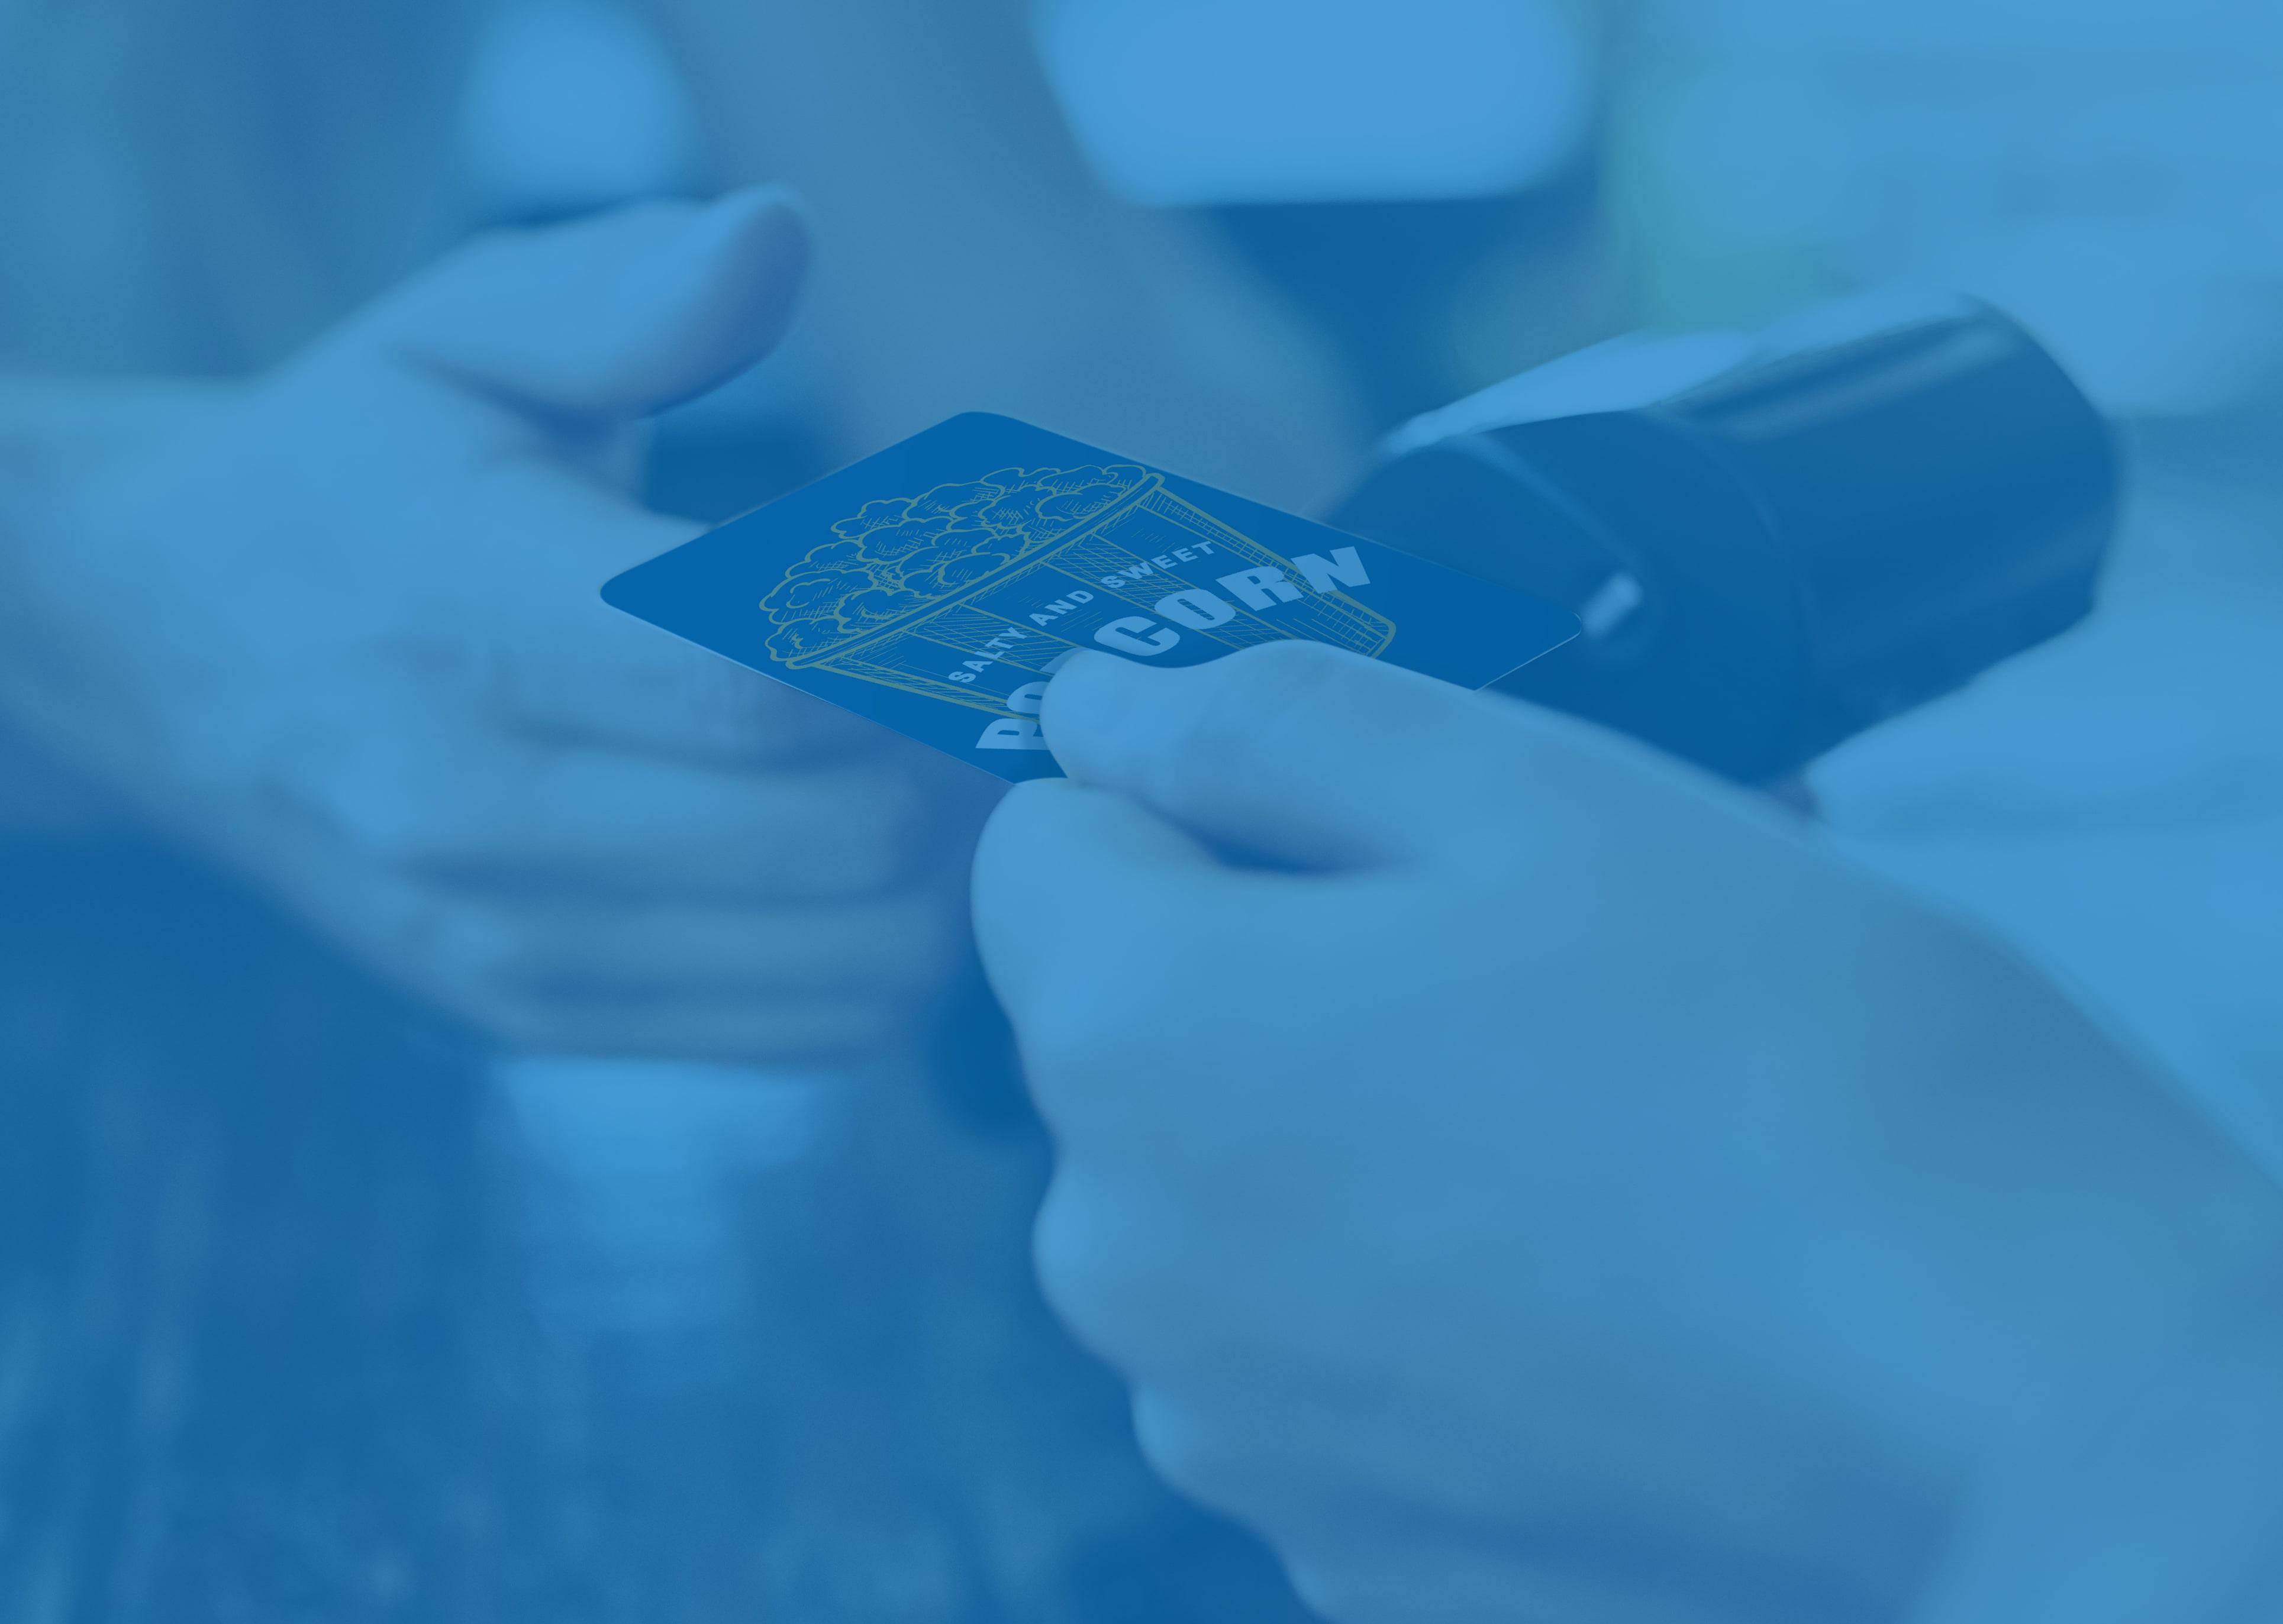 """Nahaufnahme einer Hand, die eine Geschenkkarte zum Bezahlen von Kino-Snacks anbietet, mit einer Geschenkkarte, auf der """"Popcorn"""" steht."""